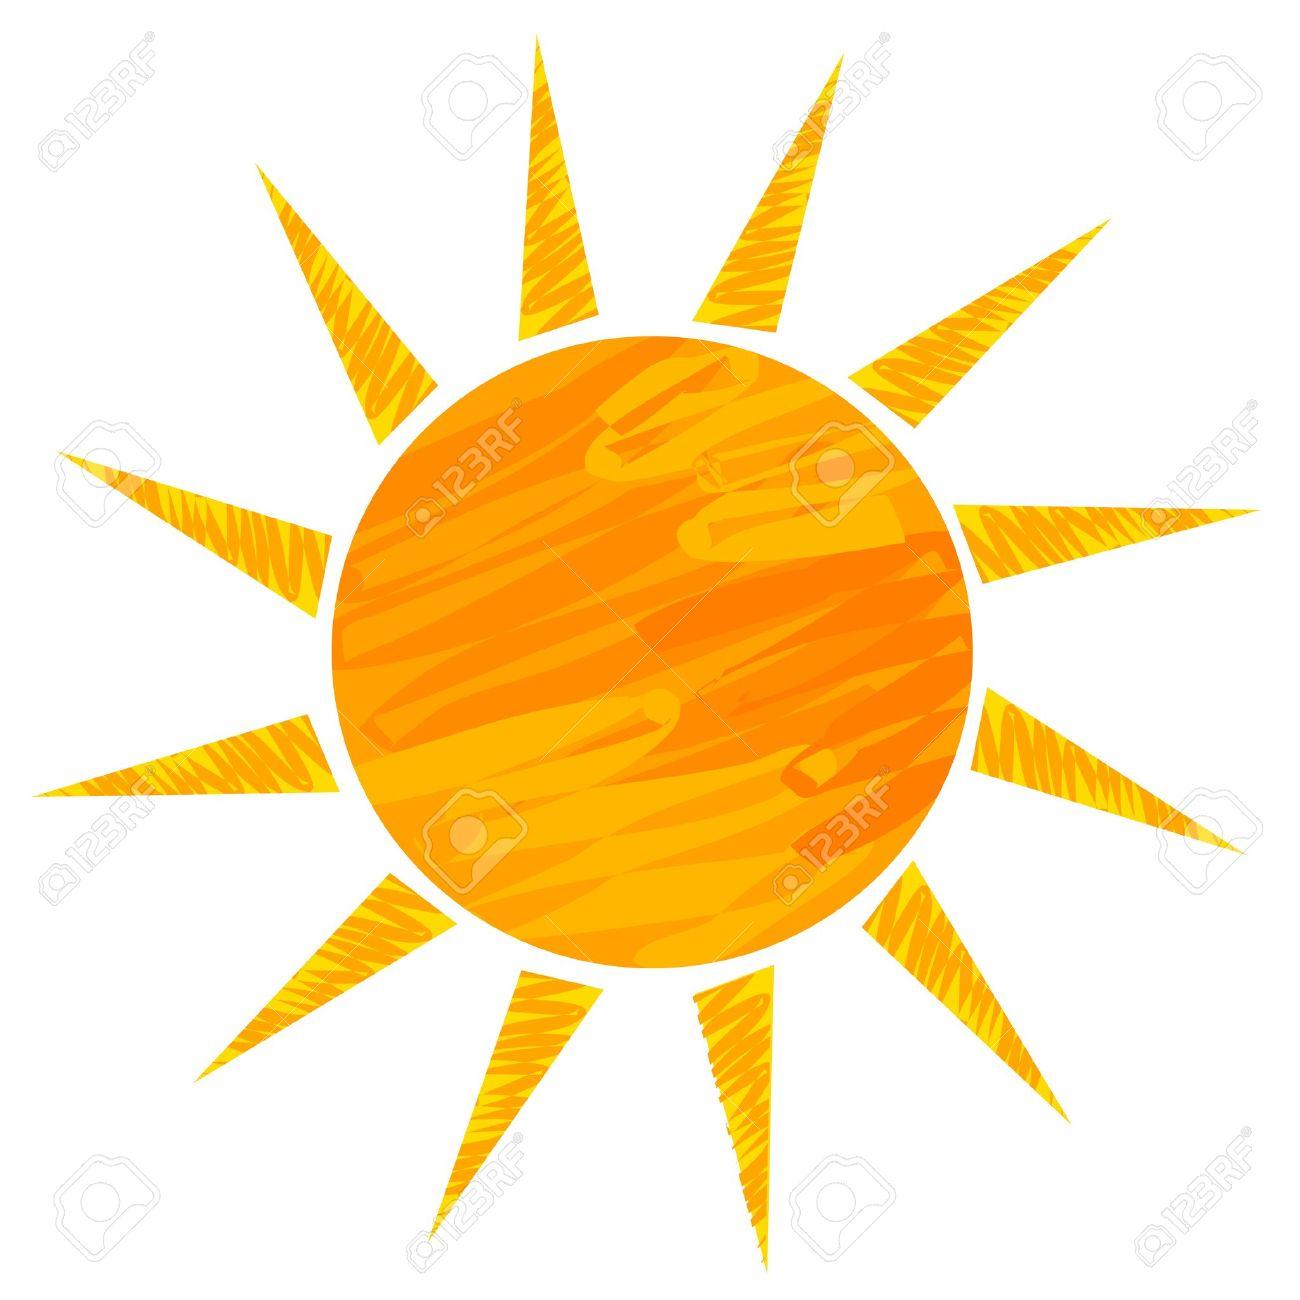 Clipart sun drawn. Drawing clip art at